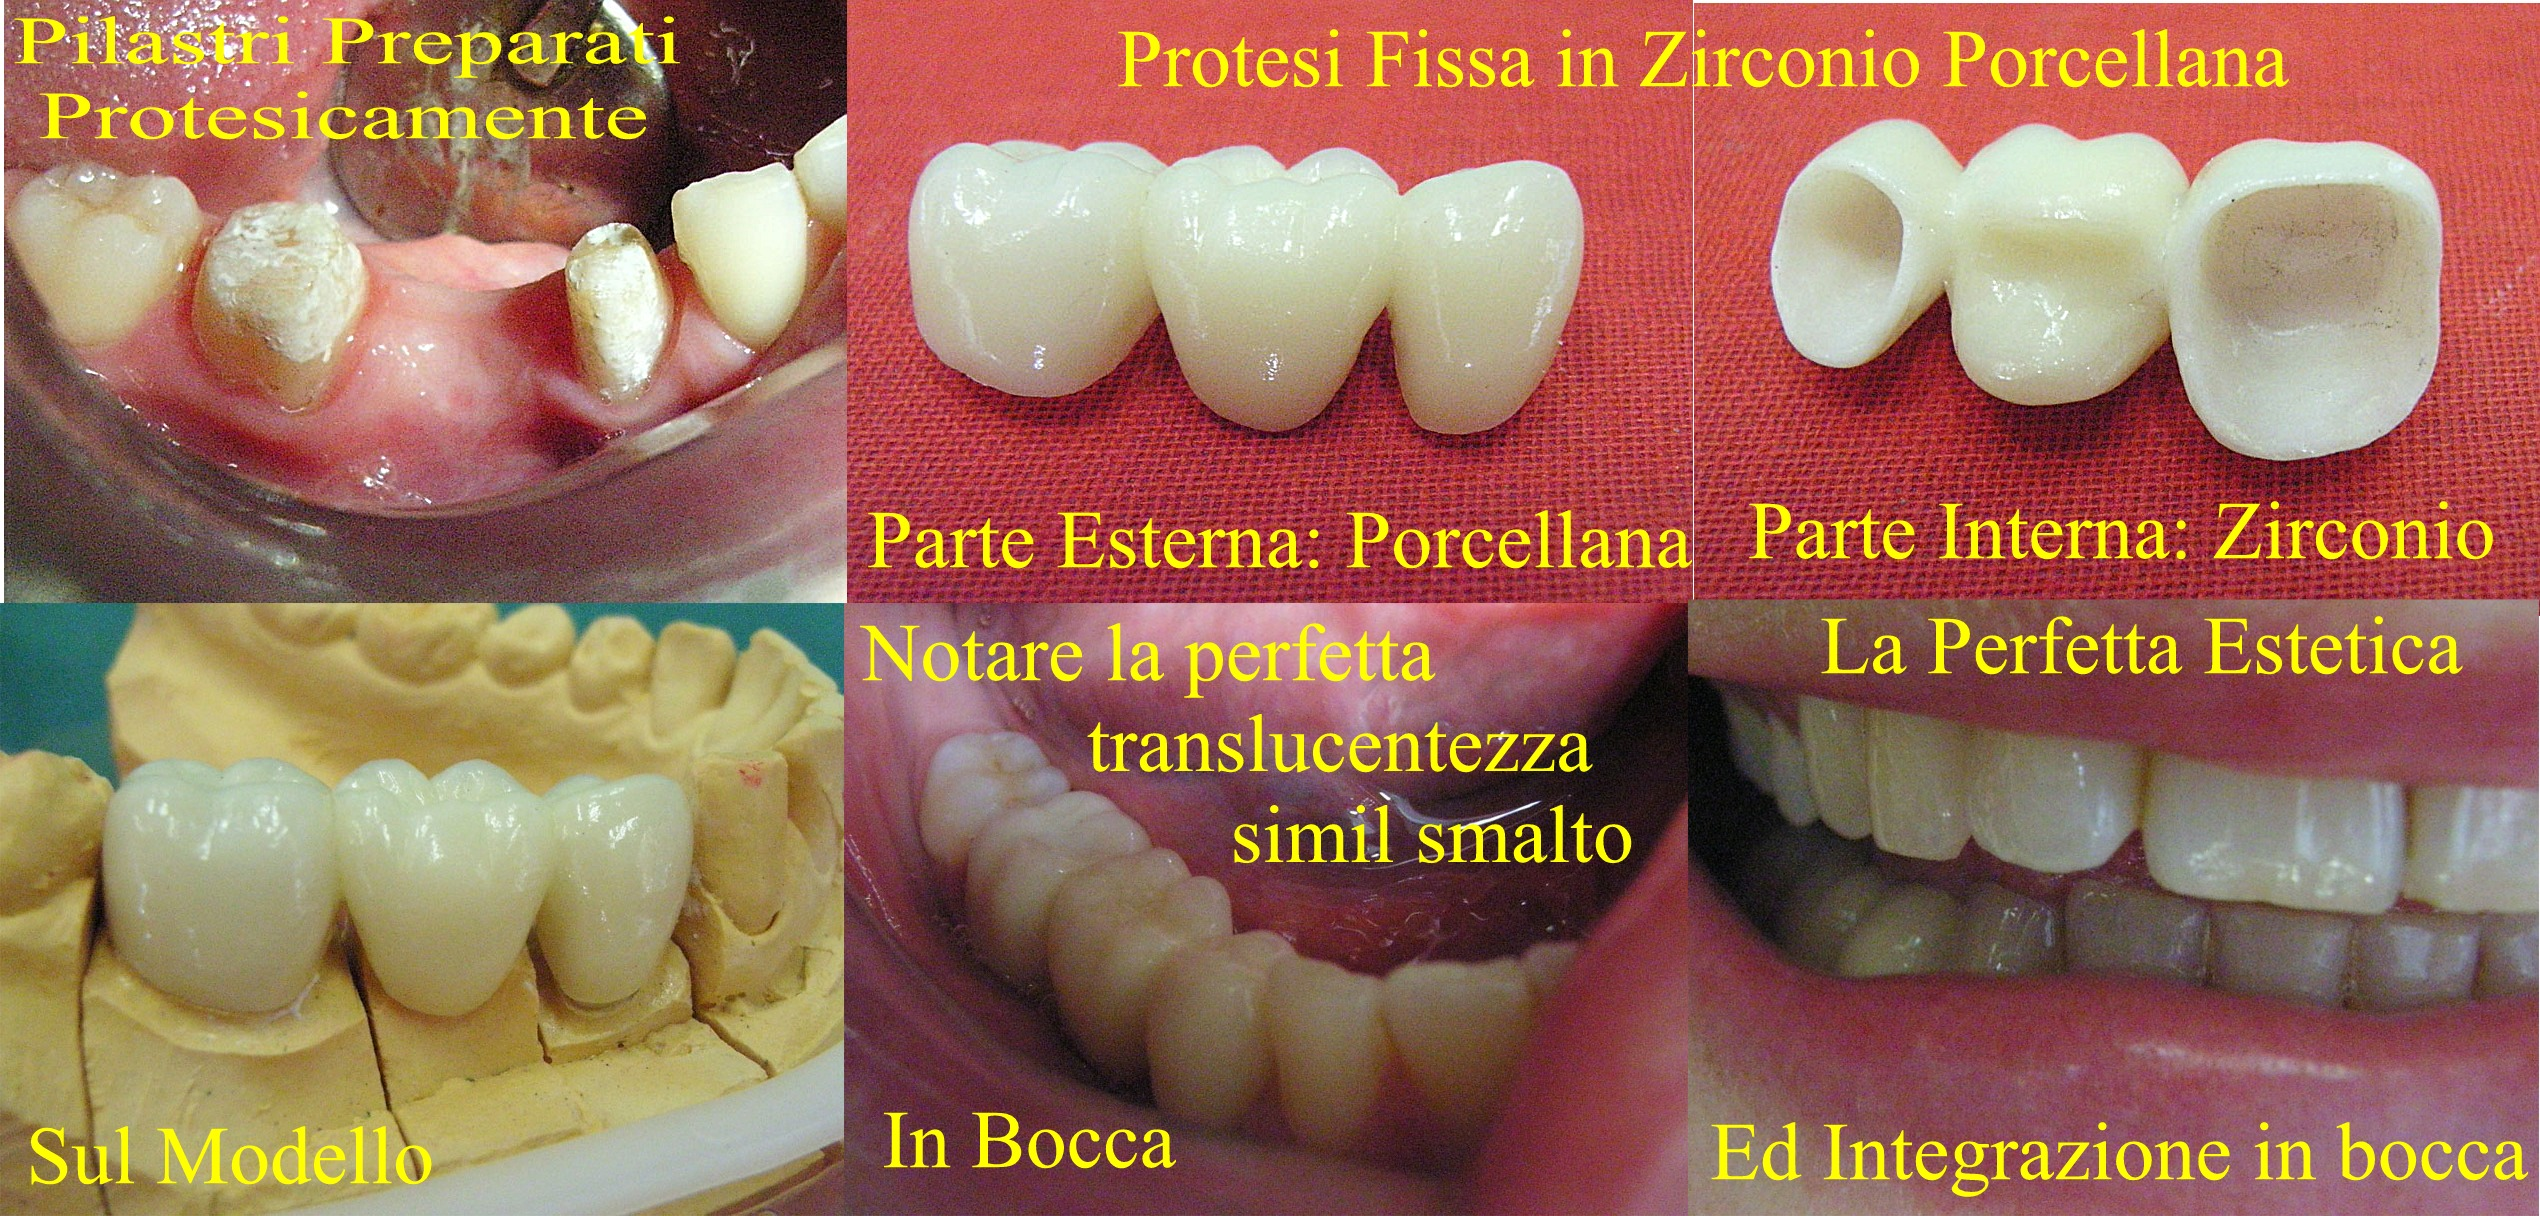 Un caso simile al suo di sostituzione di molare di latte con protesi fissa in zirconio porcellana per i motivi descritti nel testo della risposta. Da casistica riabilitativa del Dr. Gustavo Petti di Cagliari.